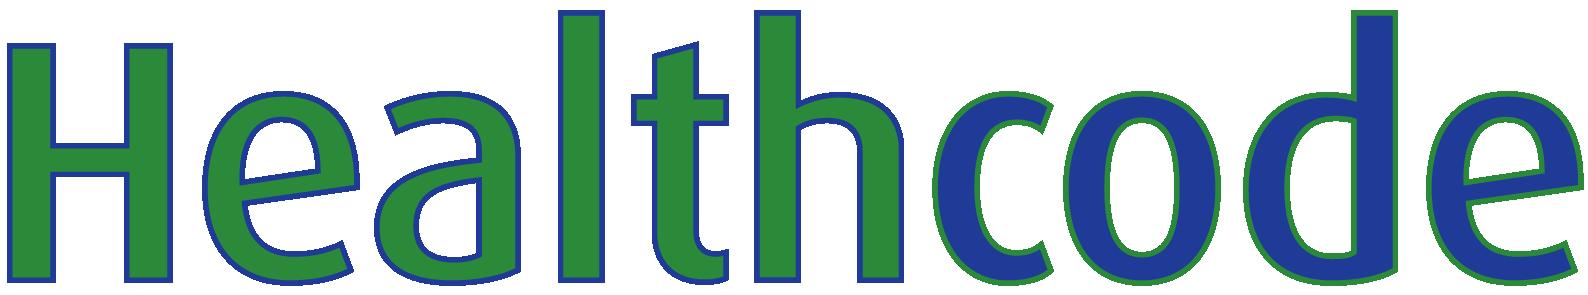 healthcode-logo website